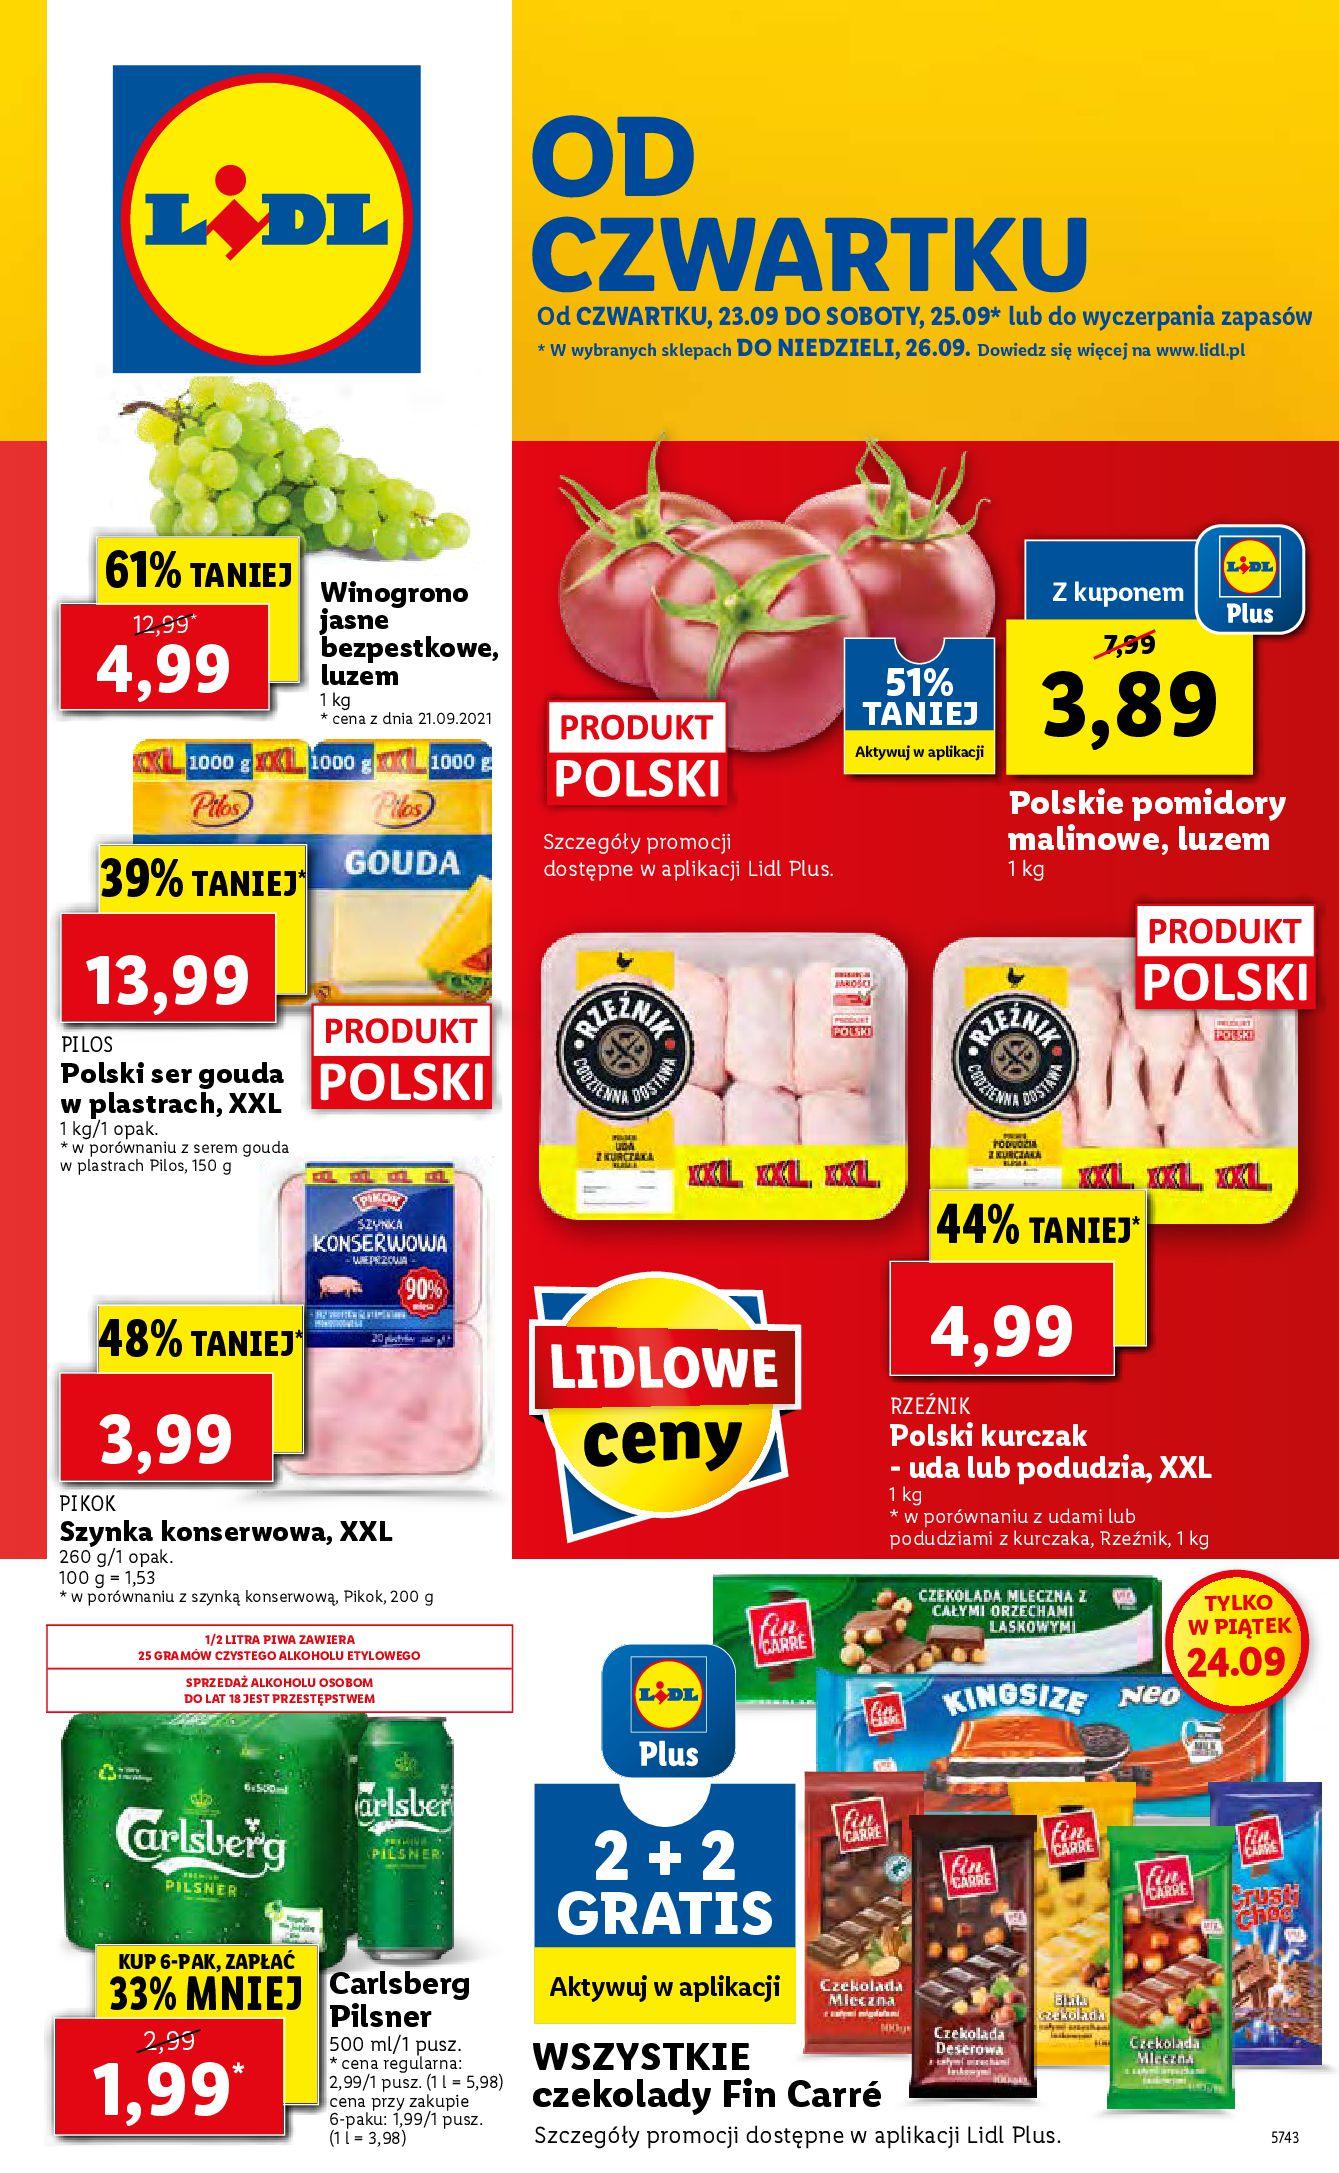 Gazetka Lidl: Gazetka Lidl - od czwartku - 22.09.2021